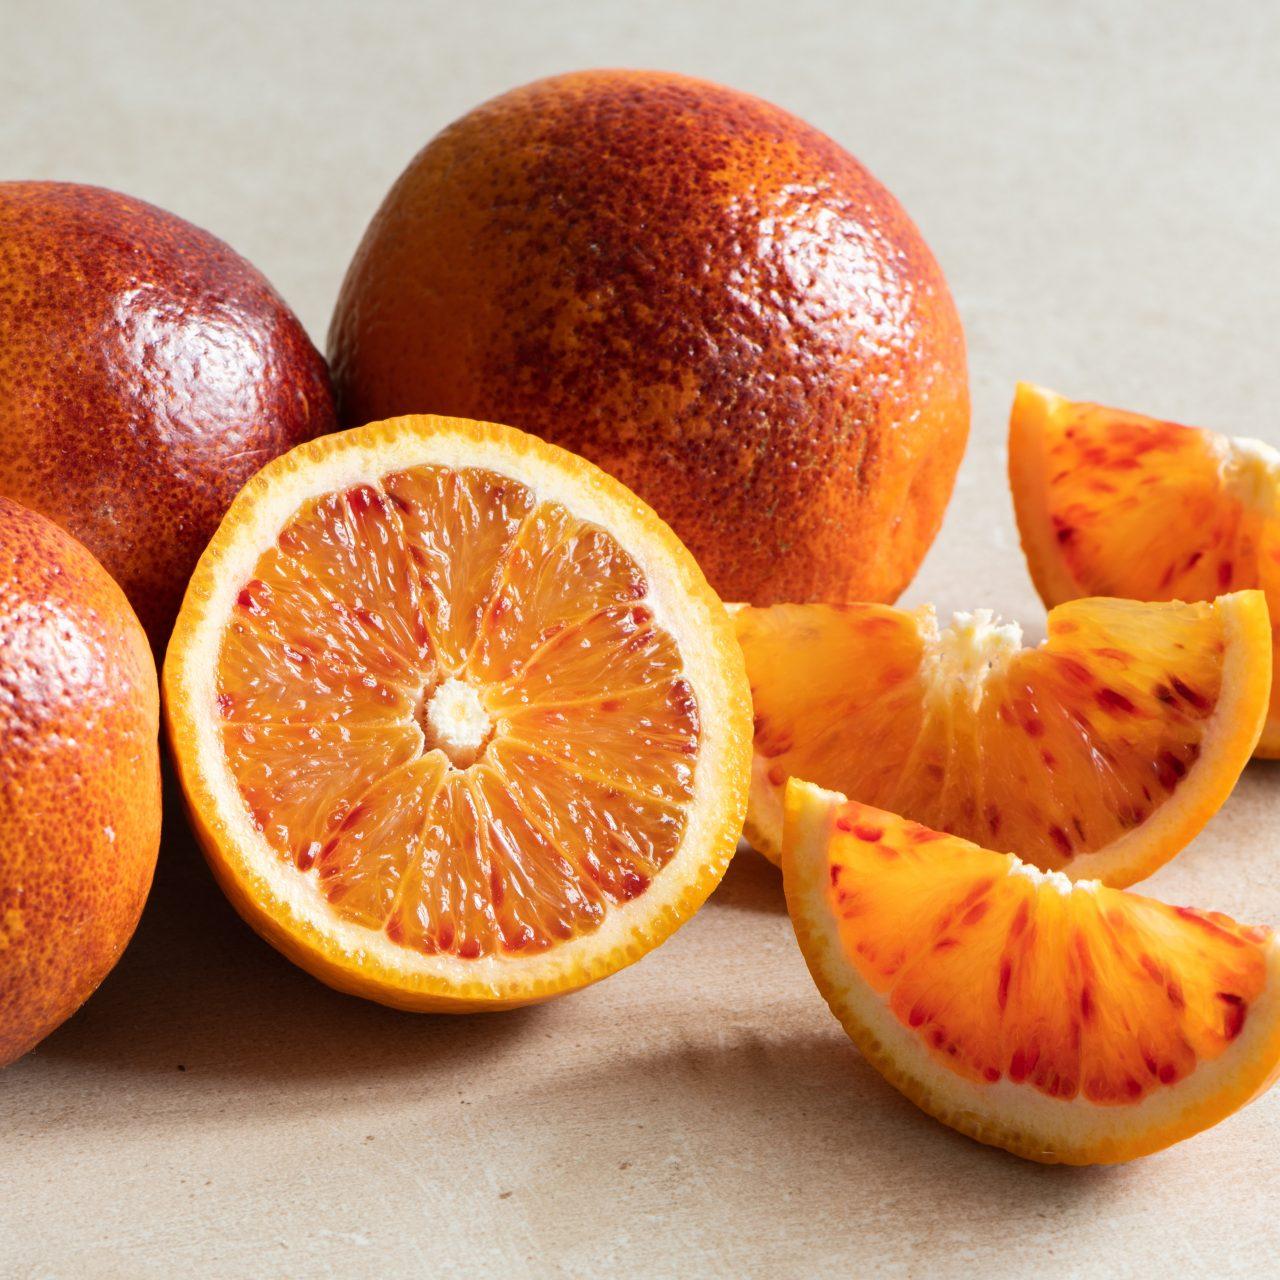 Orange Sanguine Sicile